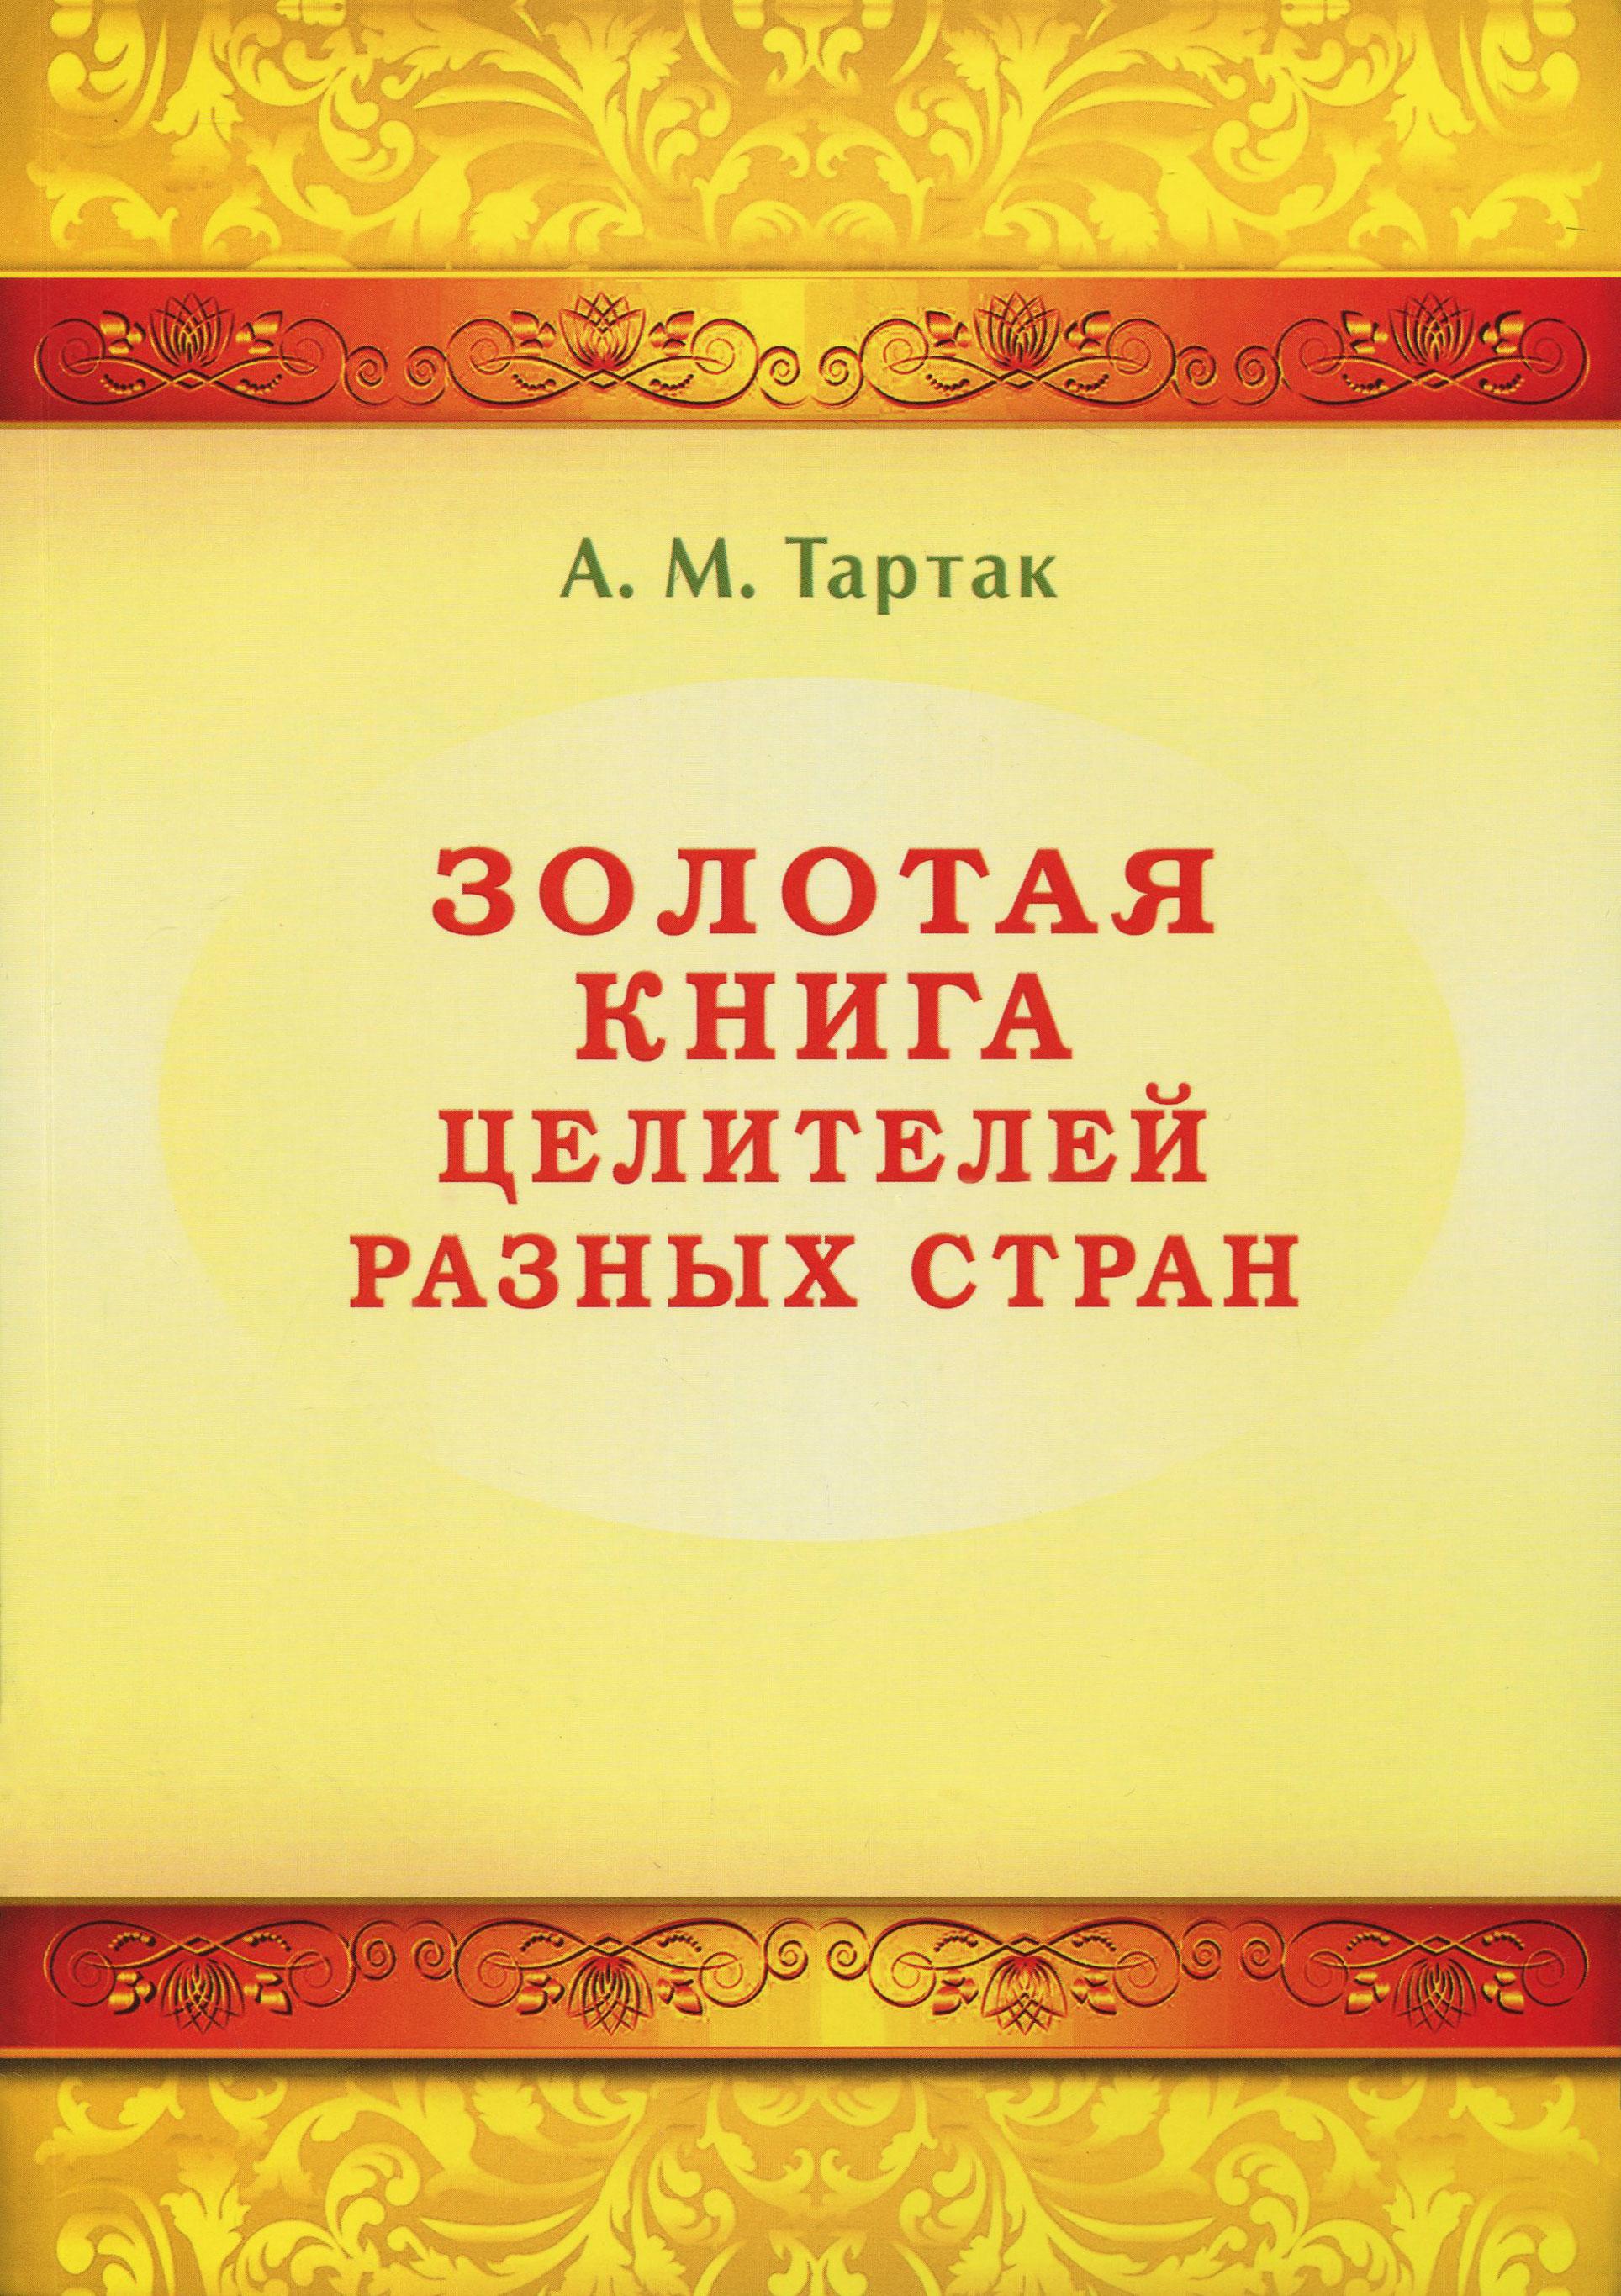 Золотая книга целителей разных стран